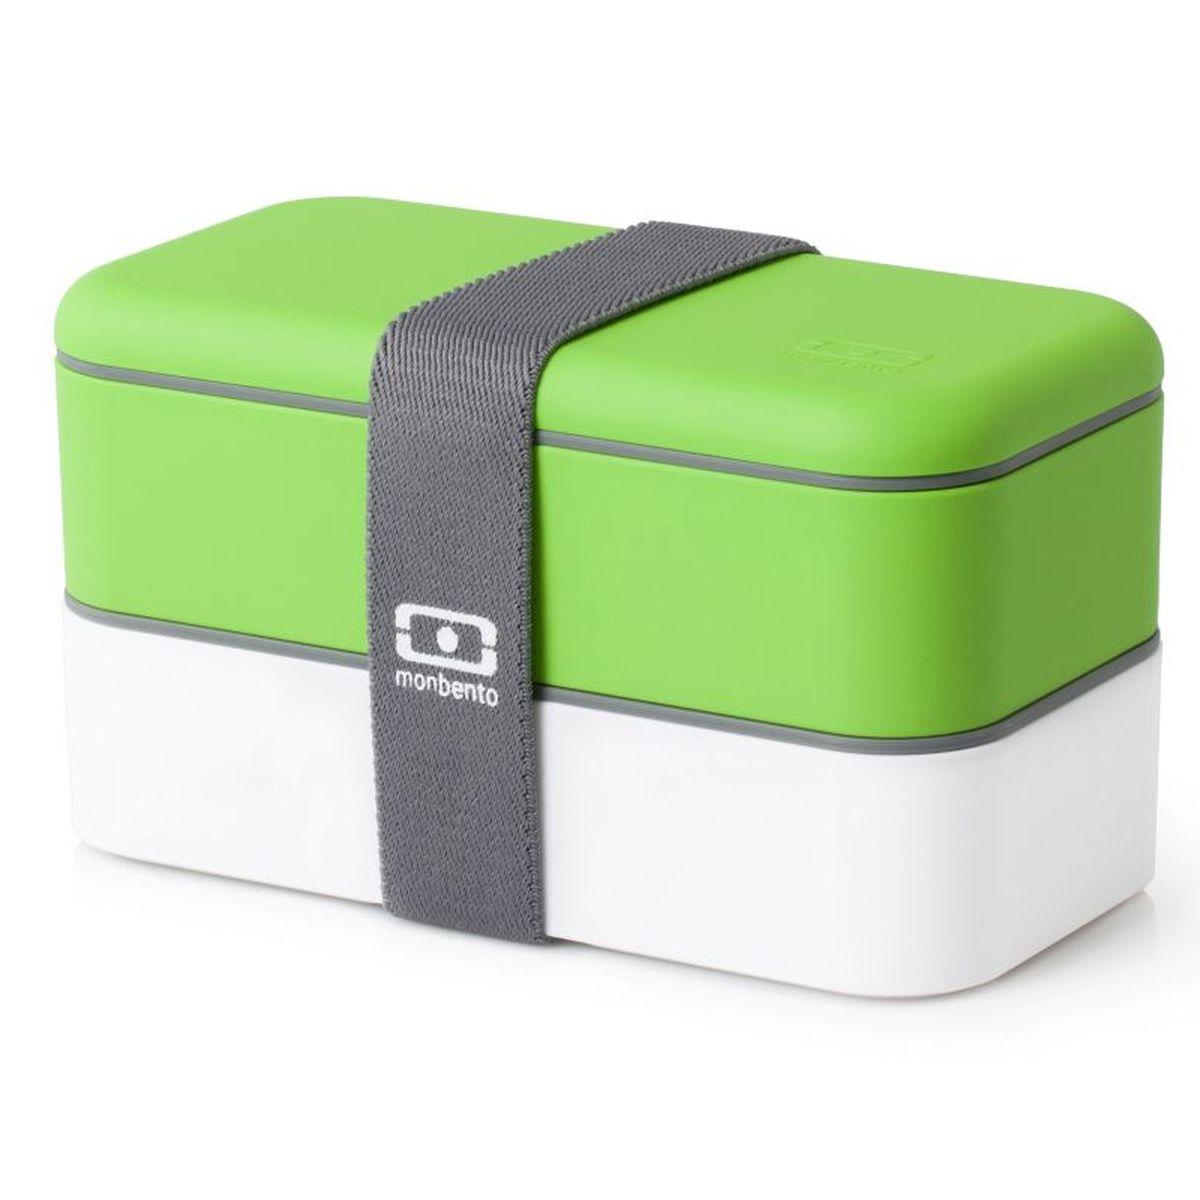 Ланч-бокс Monbento Original, цвет: зеленый, белый, 1 л1200 02 105Ланчбокс Monbento Original изготовлен из высококачественного пищевого пластика с приятным на ощупь прорезиненным покрытием soft-touch. Предназначен для хранения и переноски пищевых продуктов. Ланчбокс представляет собой два прямоугольных контейнера, в которых удобно хранить различные блюда. В комплекте также предусмотрена емкость для соуса, которая удобно помещается в одном из контейнеров. Контейнеры вакуумные, что позволяет продуктам дольше оставаться свежими и вкусными. Боксы дополнительно фиксируются друг над другом эластичным ремешком. Компактные размеры позволят хранить ланчбокс в любой сумке. Его удобно взять с собой на работу, отдых, в поездку. Теперь любимая домашняя еда всегда будет под рукой, а яркий дизайн поднимет настроение и подарит заряд позитива. Можно использовать в микроволновой печи и для хранения пищи в холодильнике, можно мыть в посудомоечной машине. В крышке каждого контейнера - специальная пробка, которую надо вытащить, если вы разогреваете еду. Объем одного контейнера: 0,5 л. Общий размер ланчбокса: 18 см х 9 см х 10,5 см. Размер контейнера: 18 см х 9 см х 4,5 см. Размер емкости для соуса: 8,5 см х 4,5 см х 3 см.Объем емкости для соуса: 0,1 л.